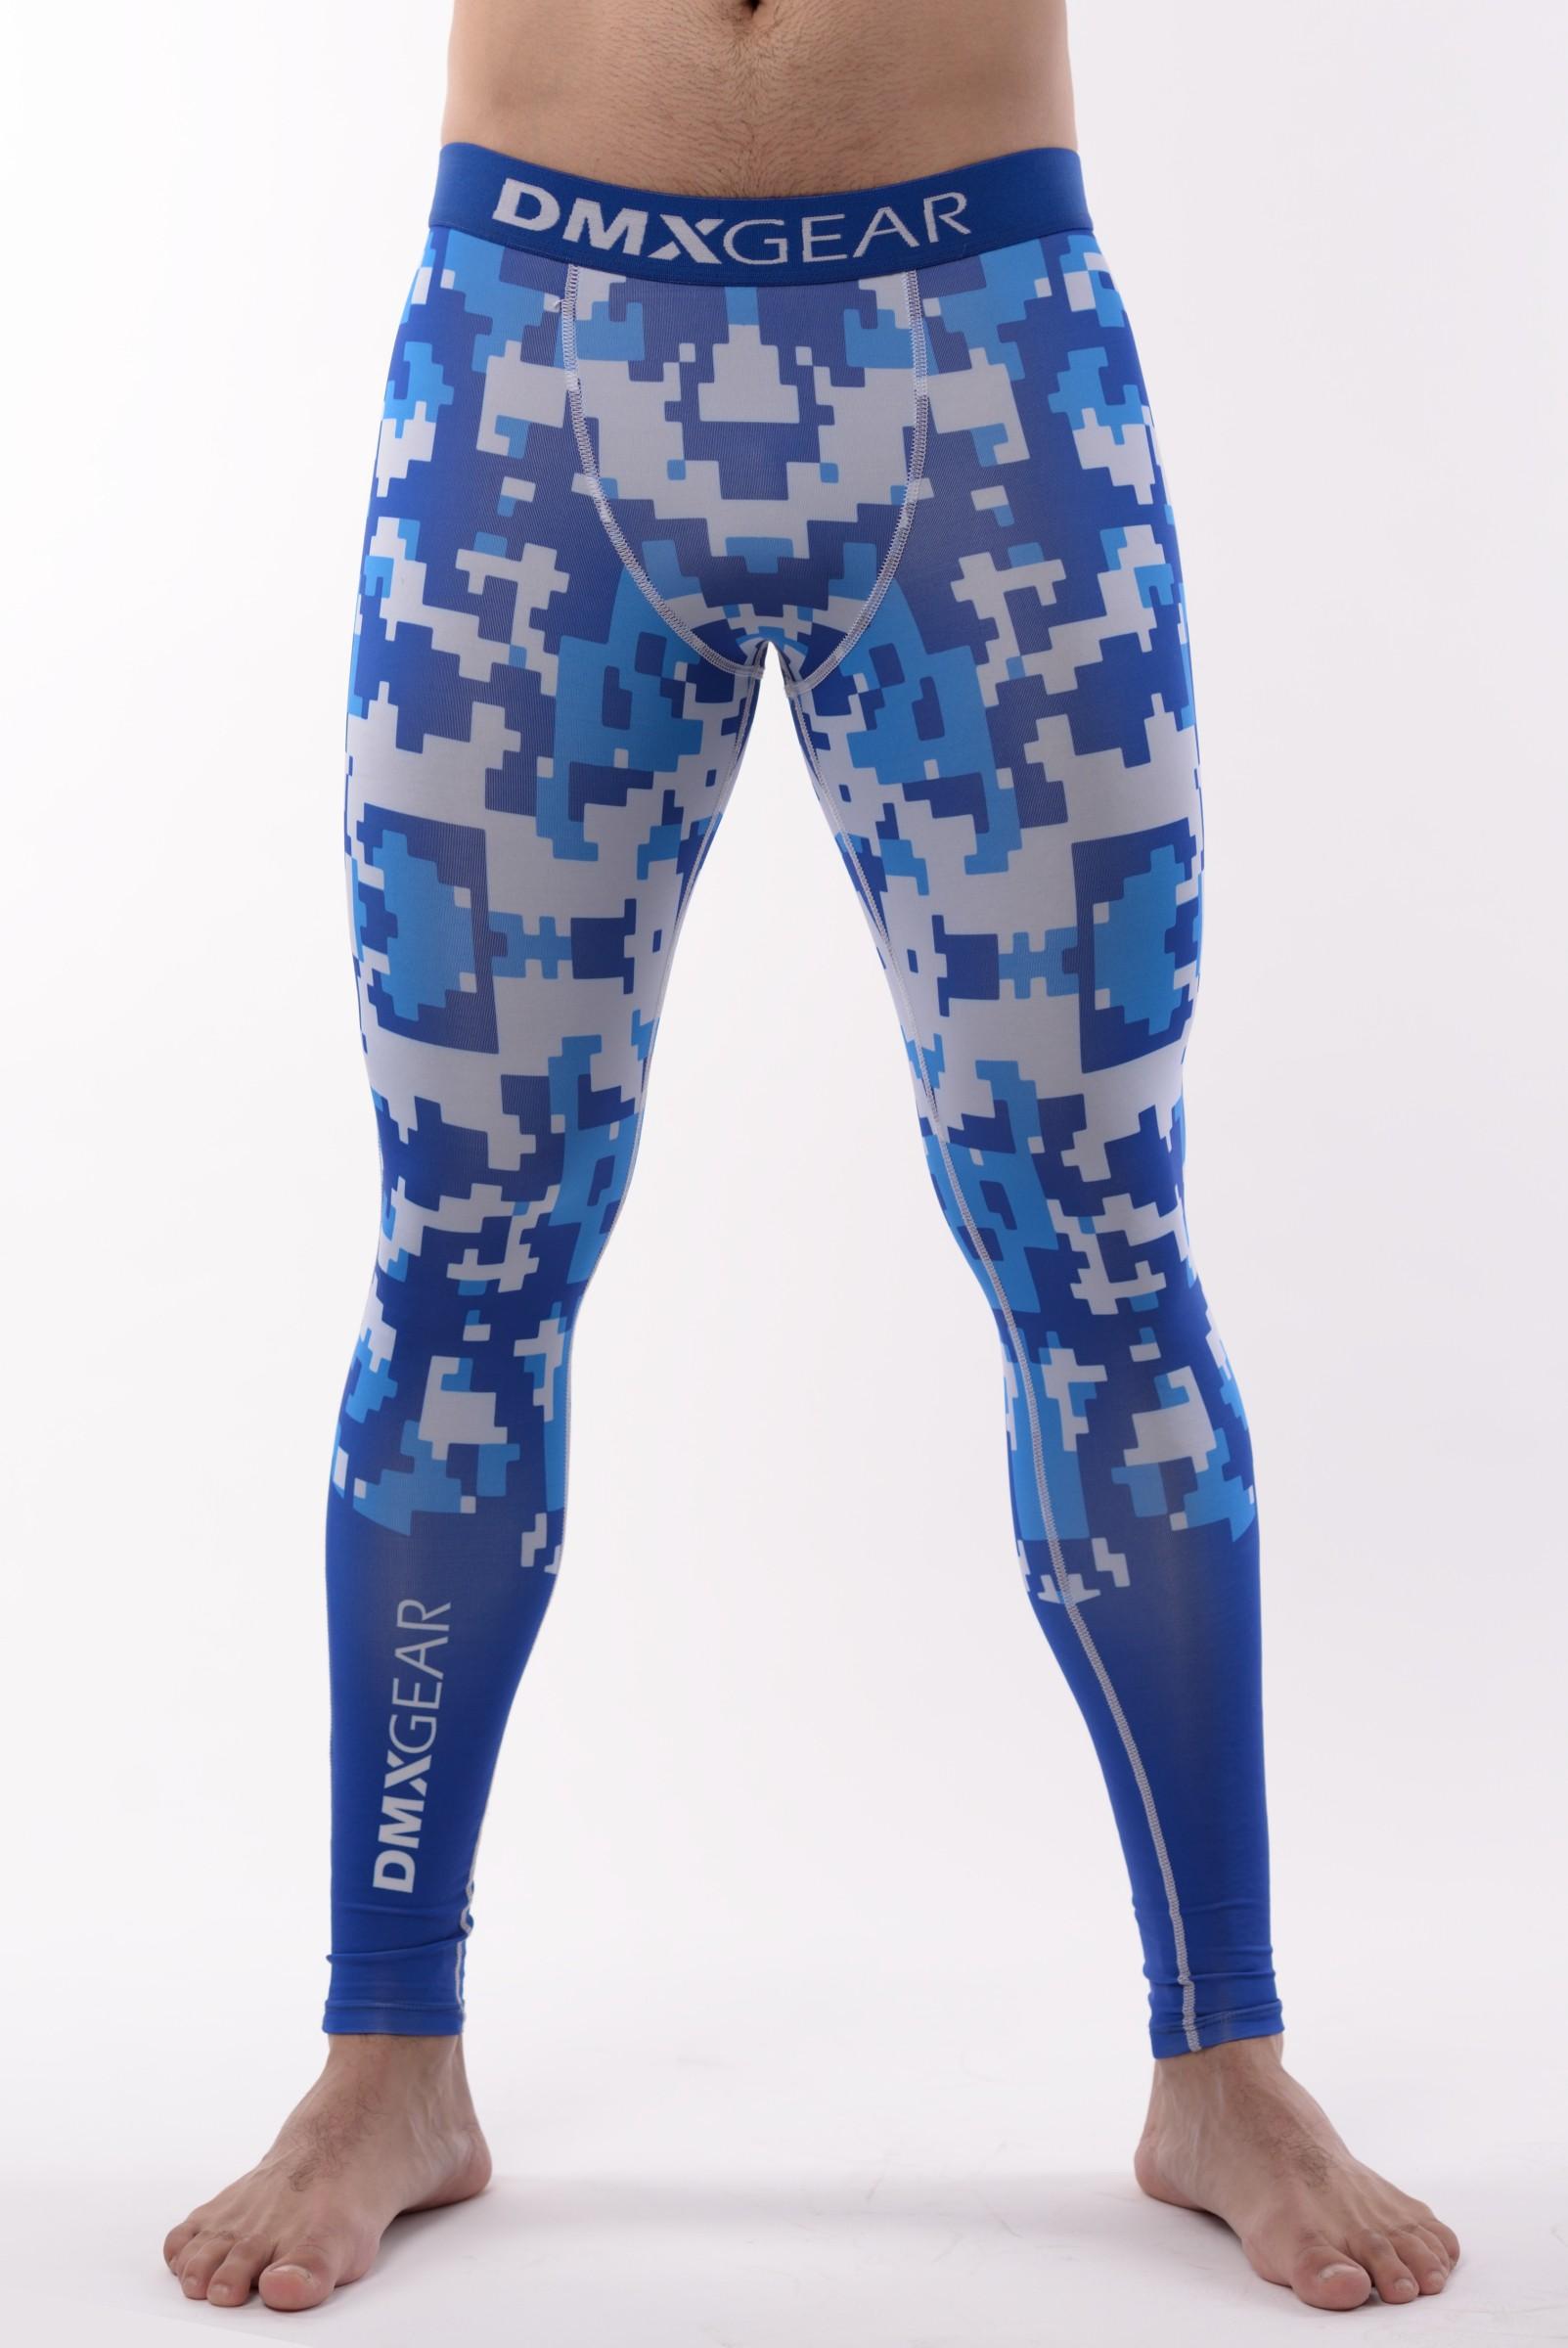 fd8ba76a1bb4 DMXGEAR pánské kompresní elasťáky PRO ATHLETE Multicolor Šedo-modré